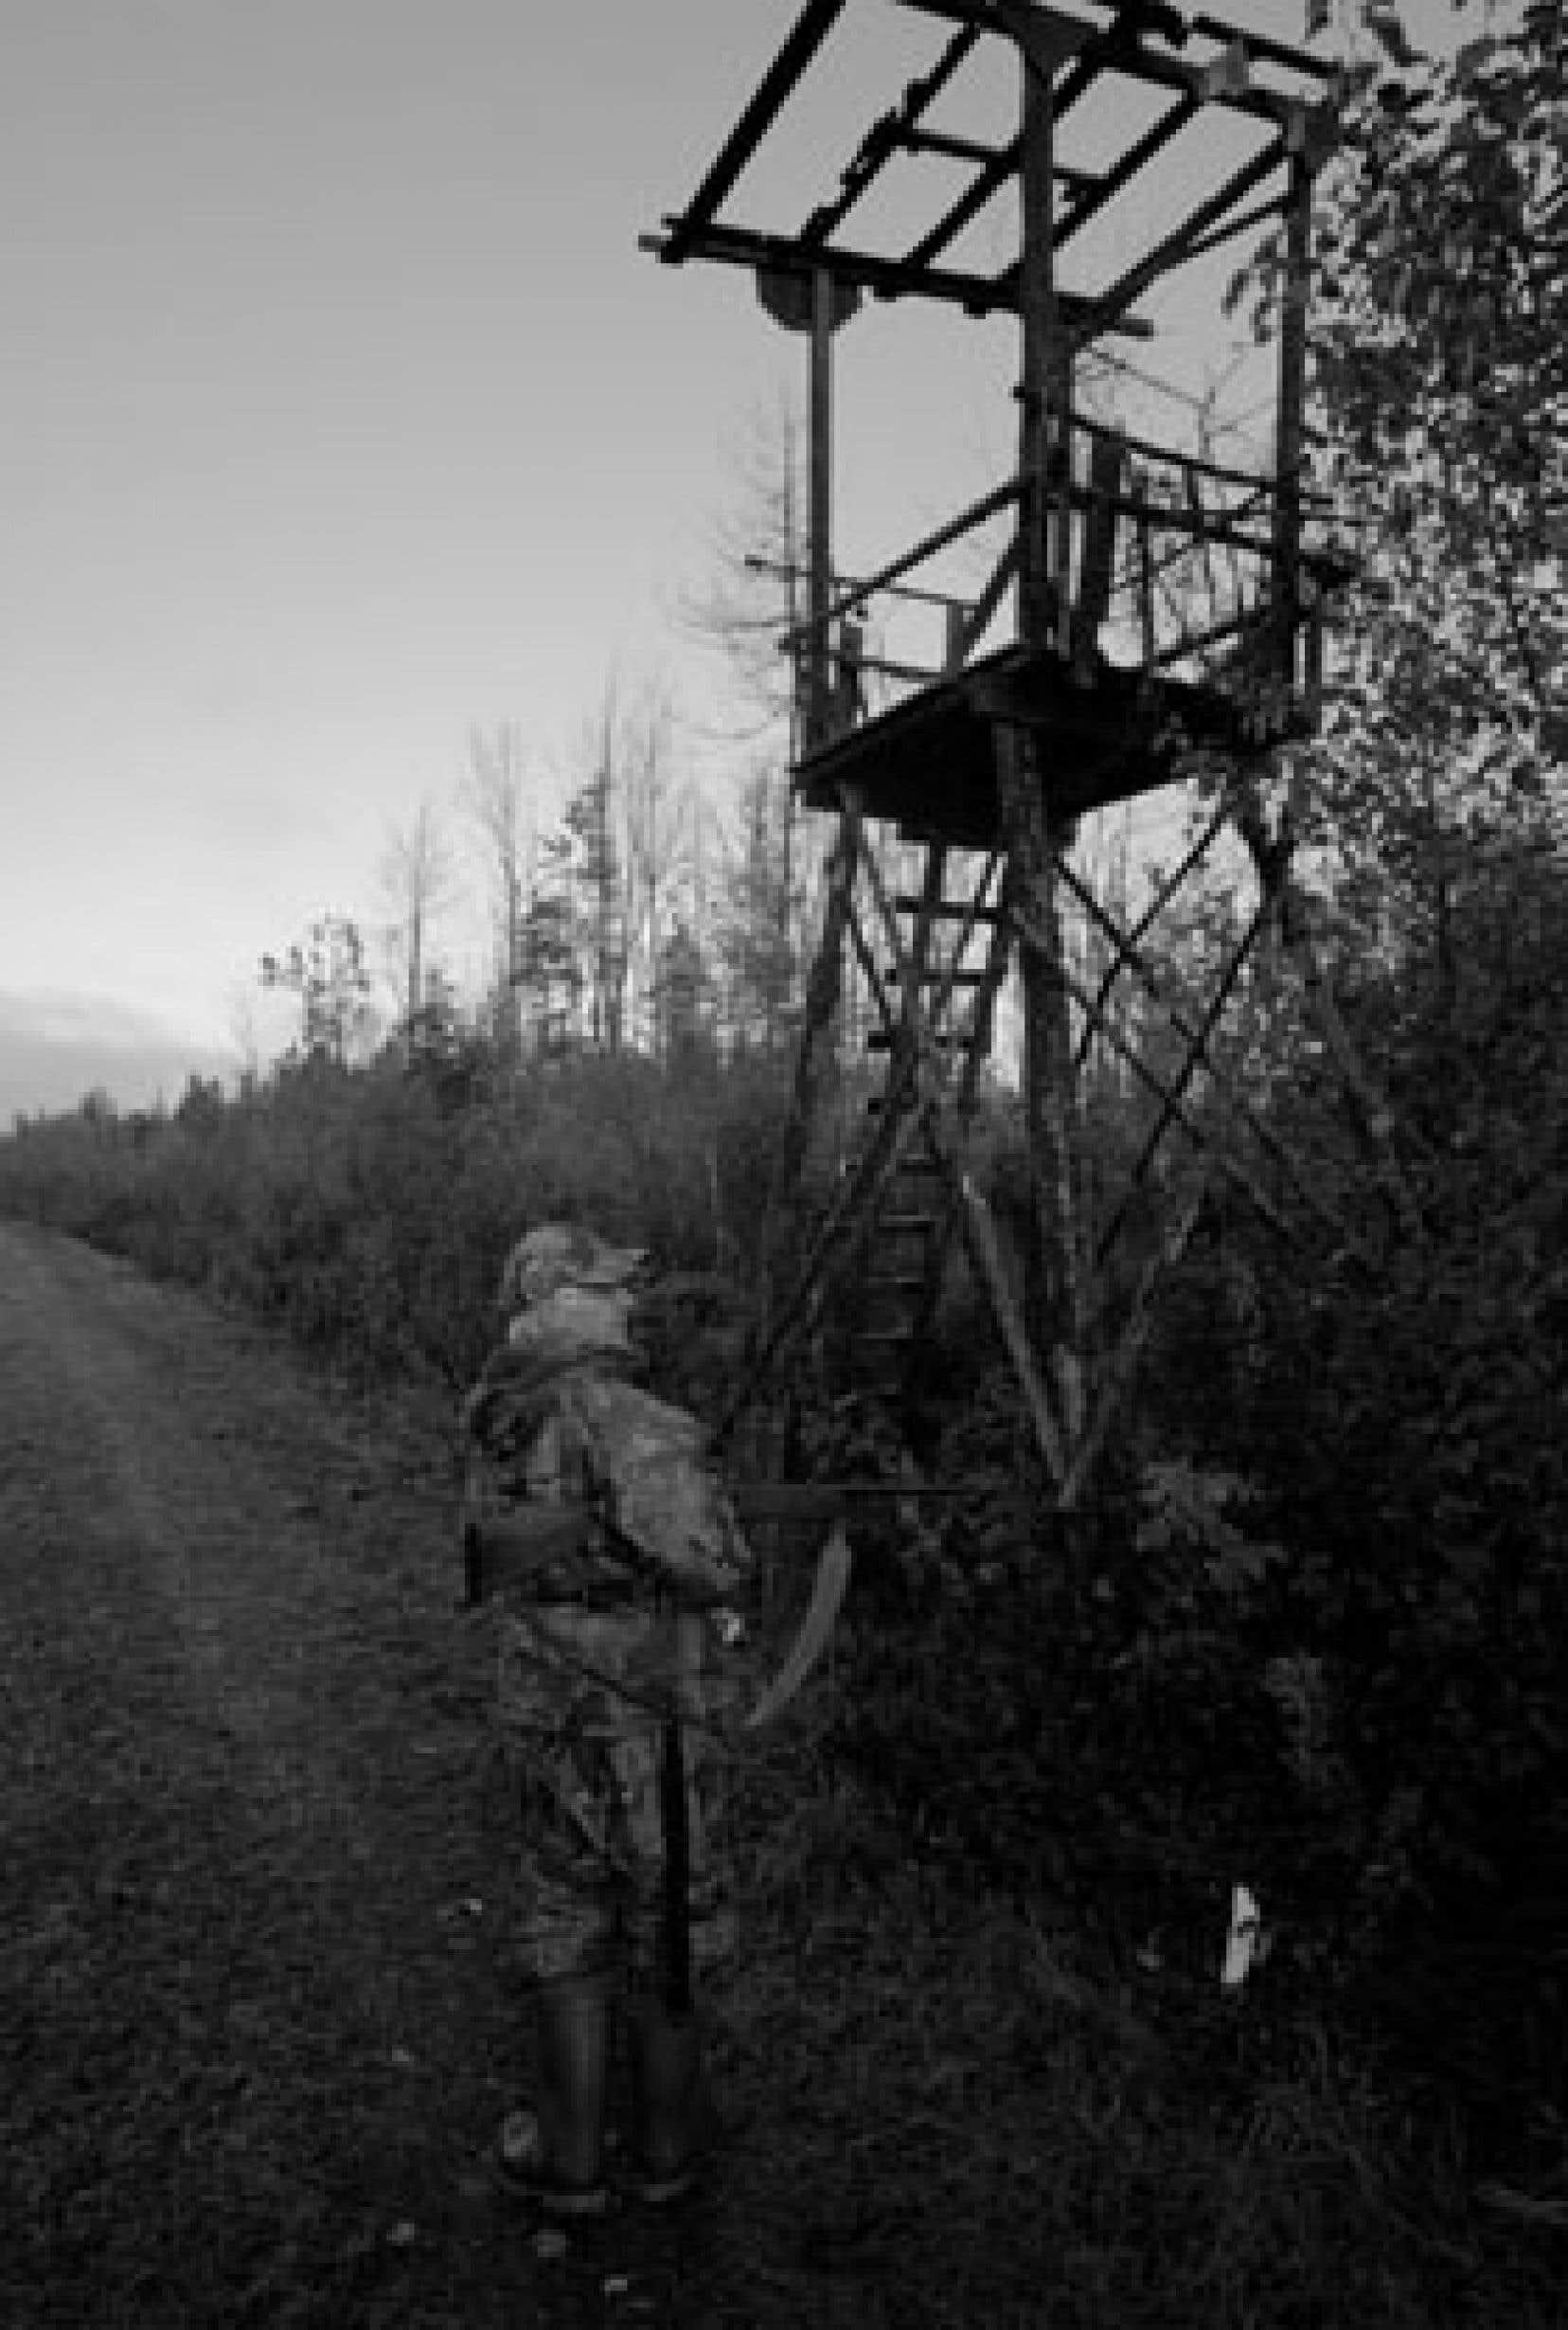 Un chasseur d'orignal au pied d'un mirador